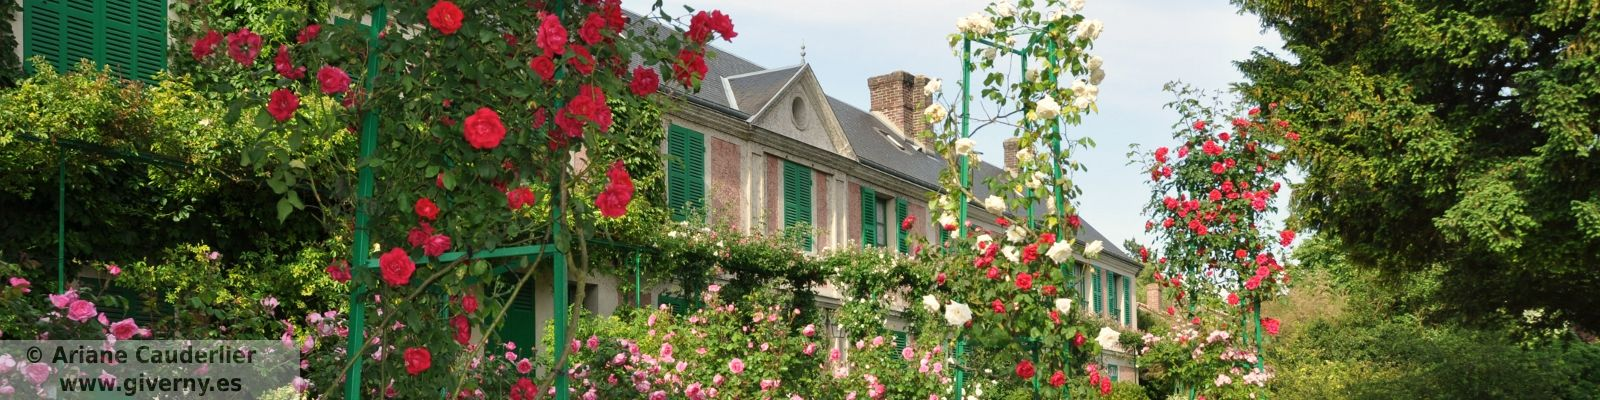 La Casa de Claude Monet en Giverny